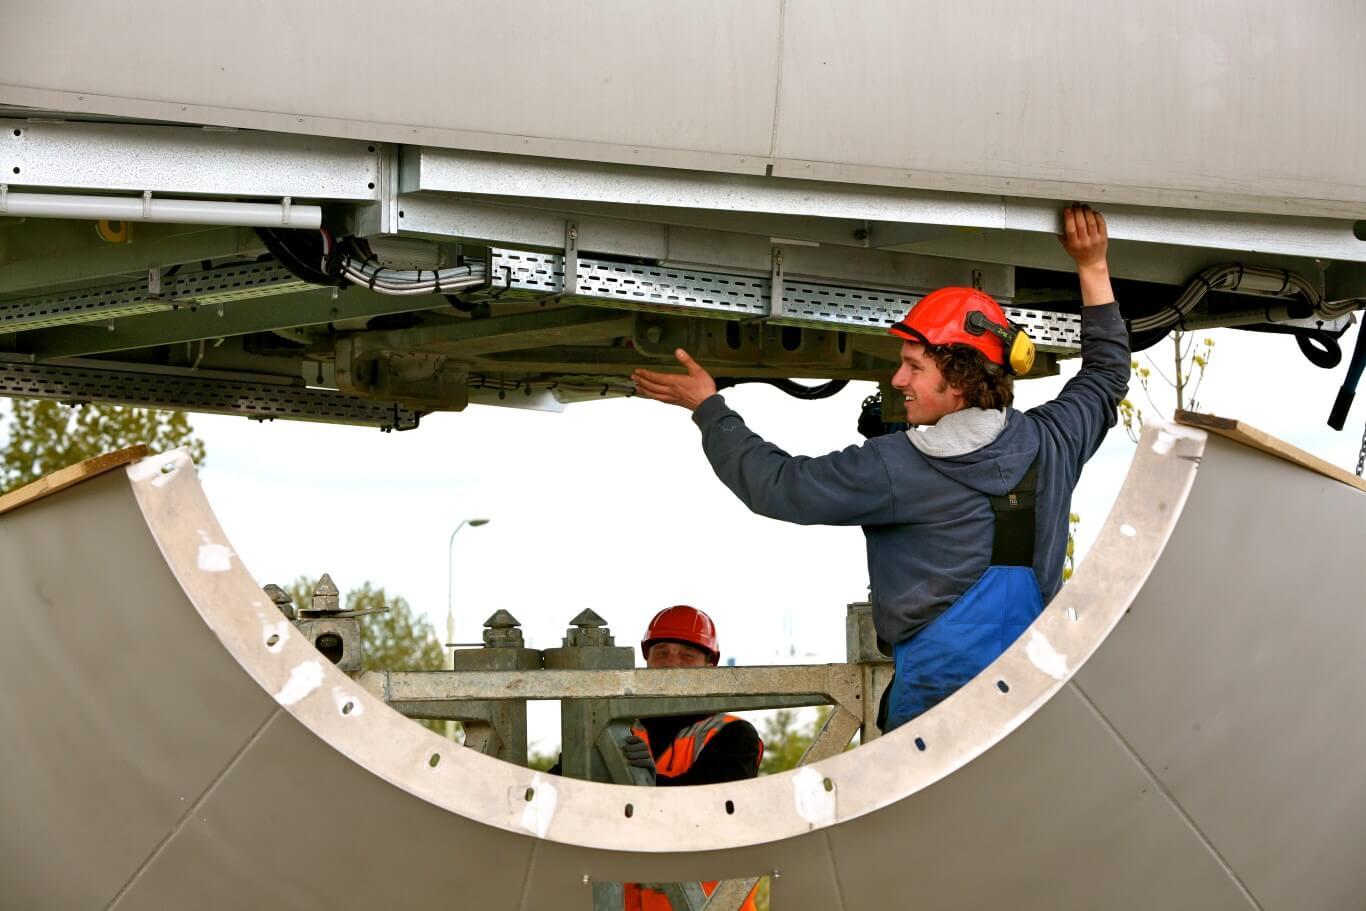 Reclamefotografie voor brochure Eneco, bouwproject windturbinepark Heerhugowaard